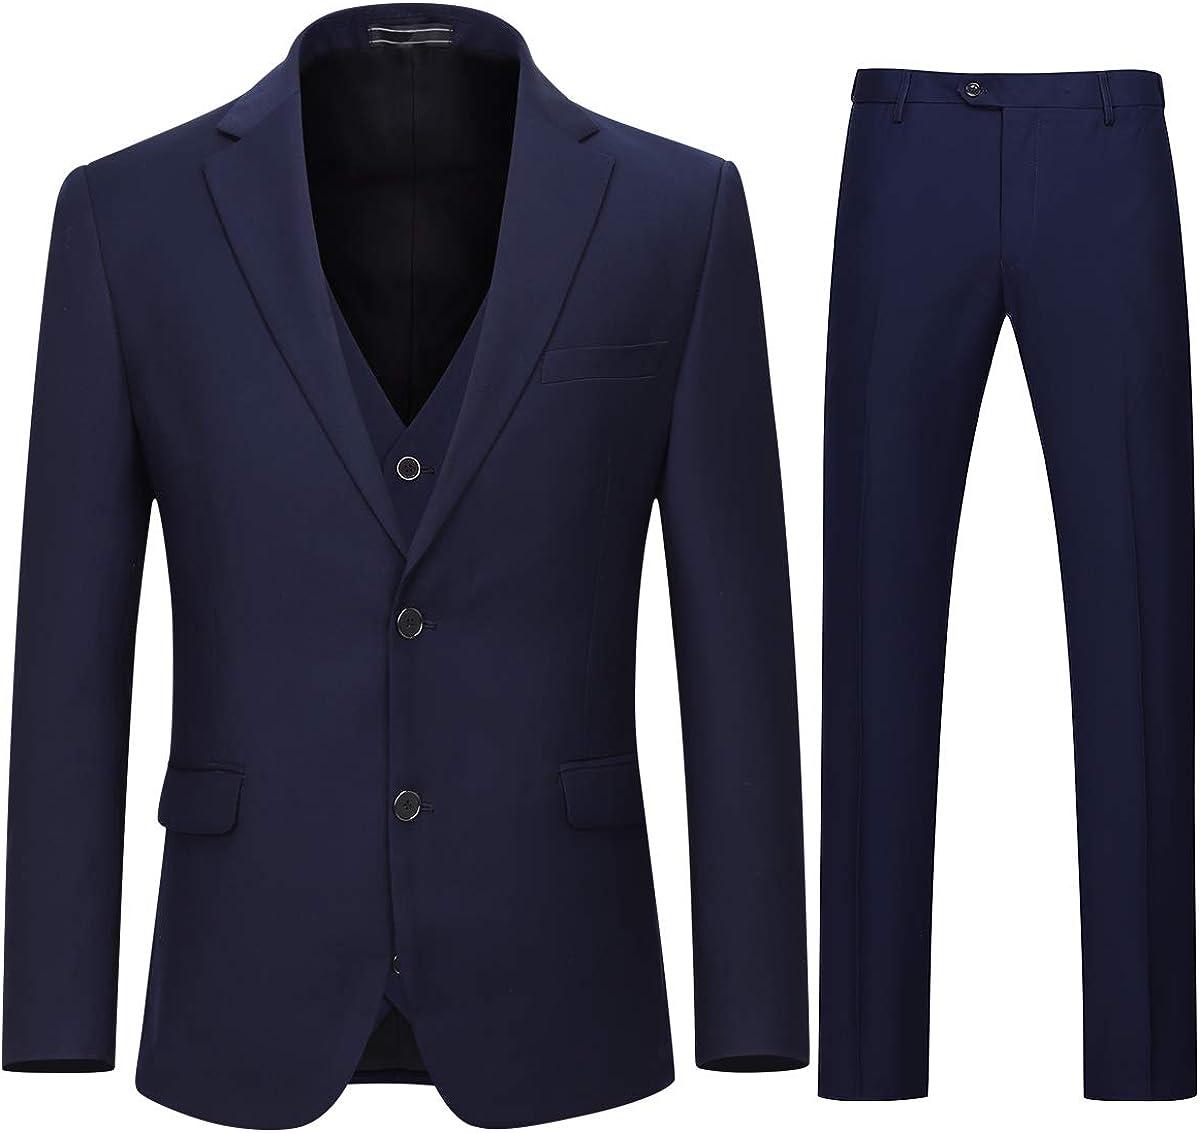 Mens 3 Piece Business Suit 2 Button Classic Fit Solid Suit Set Tux Dinner Outfit